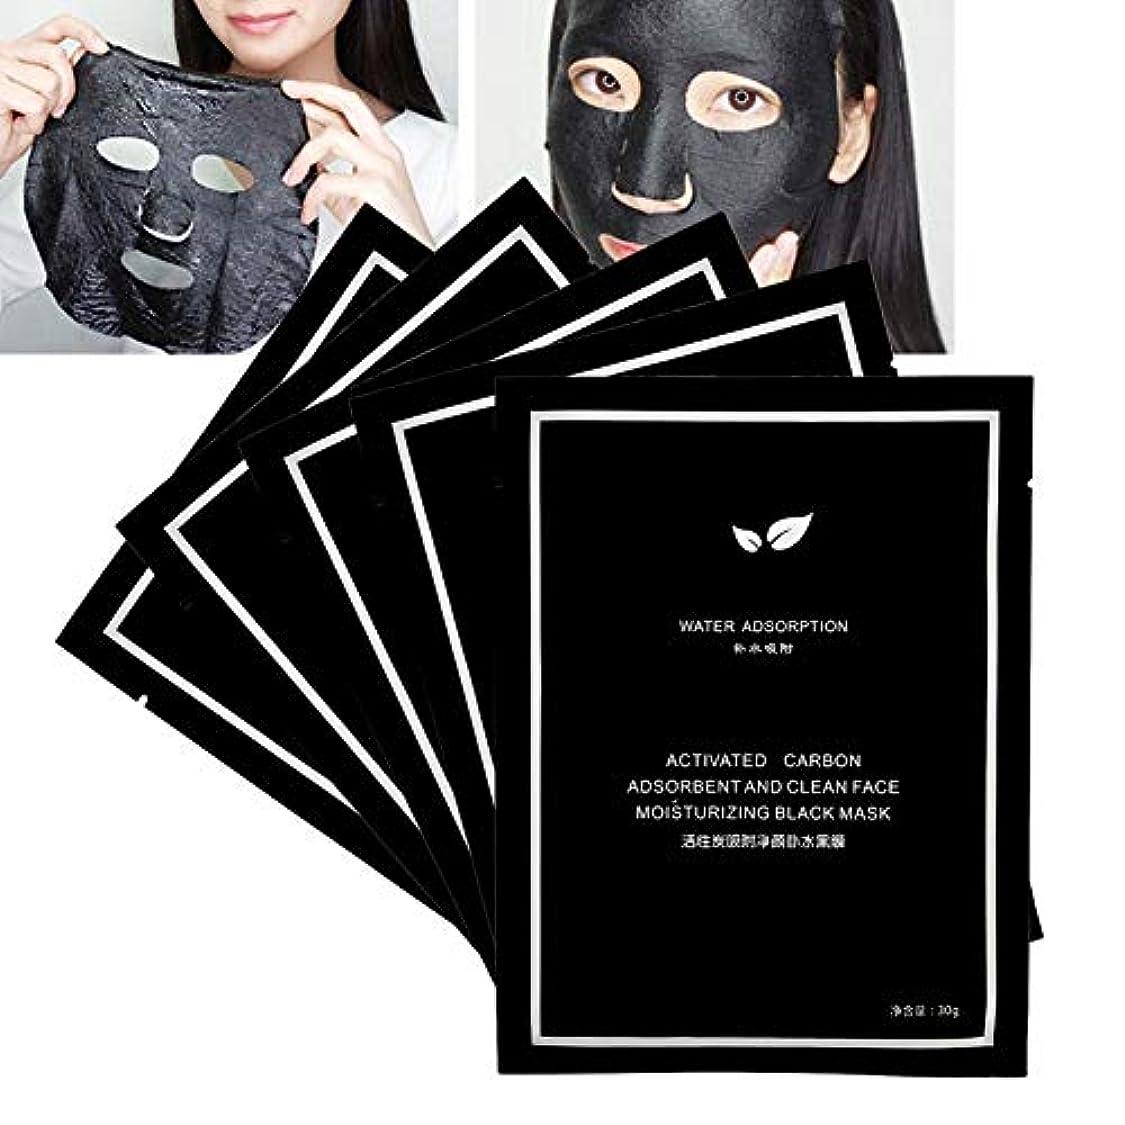 素子きらめき取得する5枚セット 活性炭マスク 保湿 フェイスブラックマスク オイルコントロールブラックヘッドの除去汚れ除去スキンケア